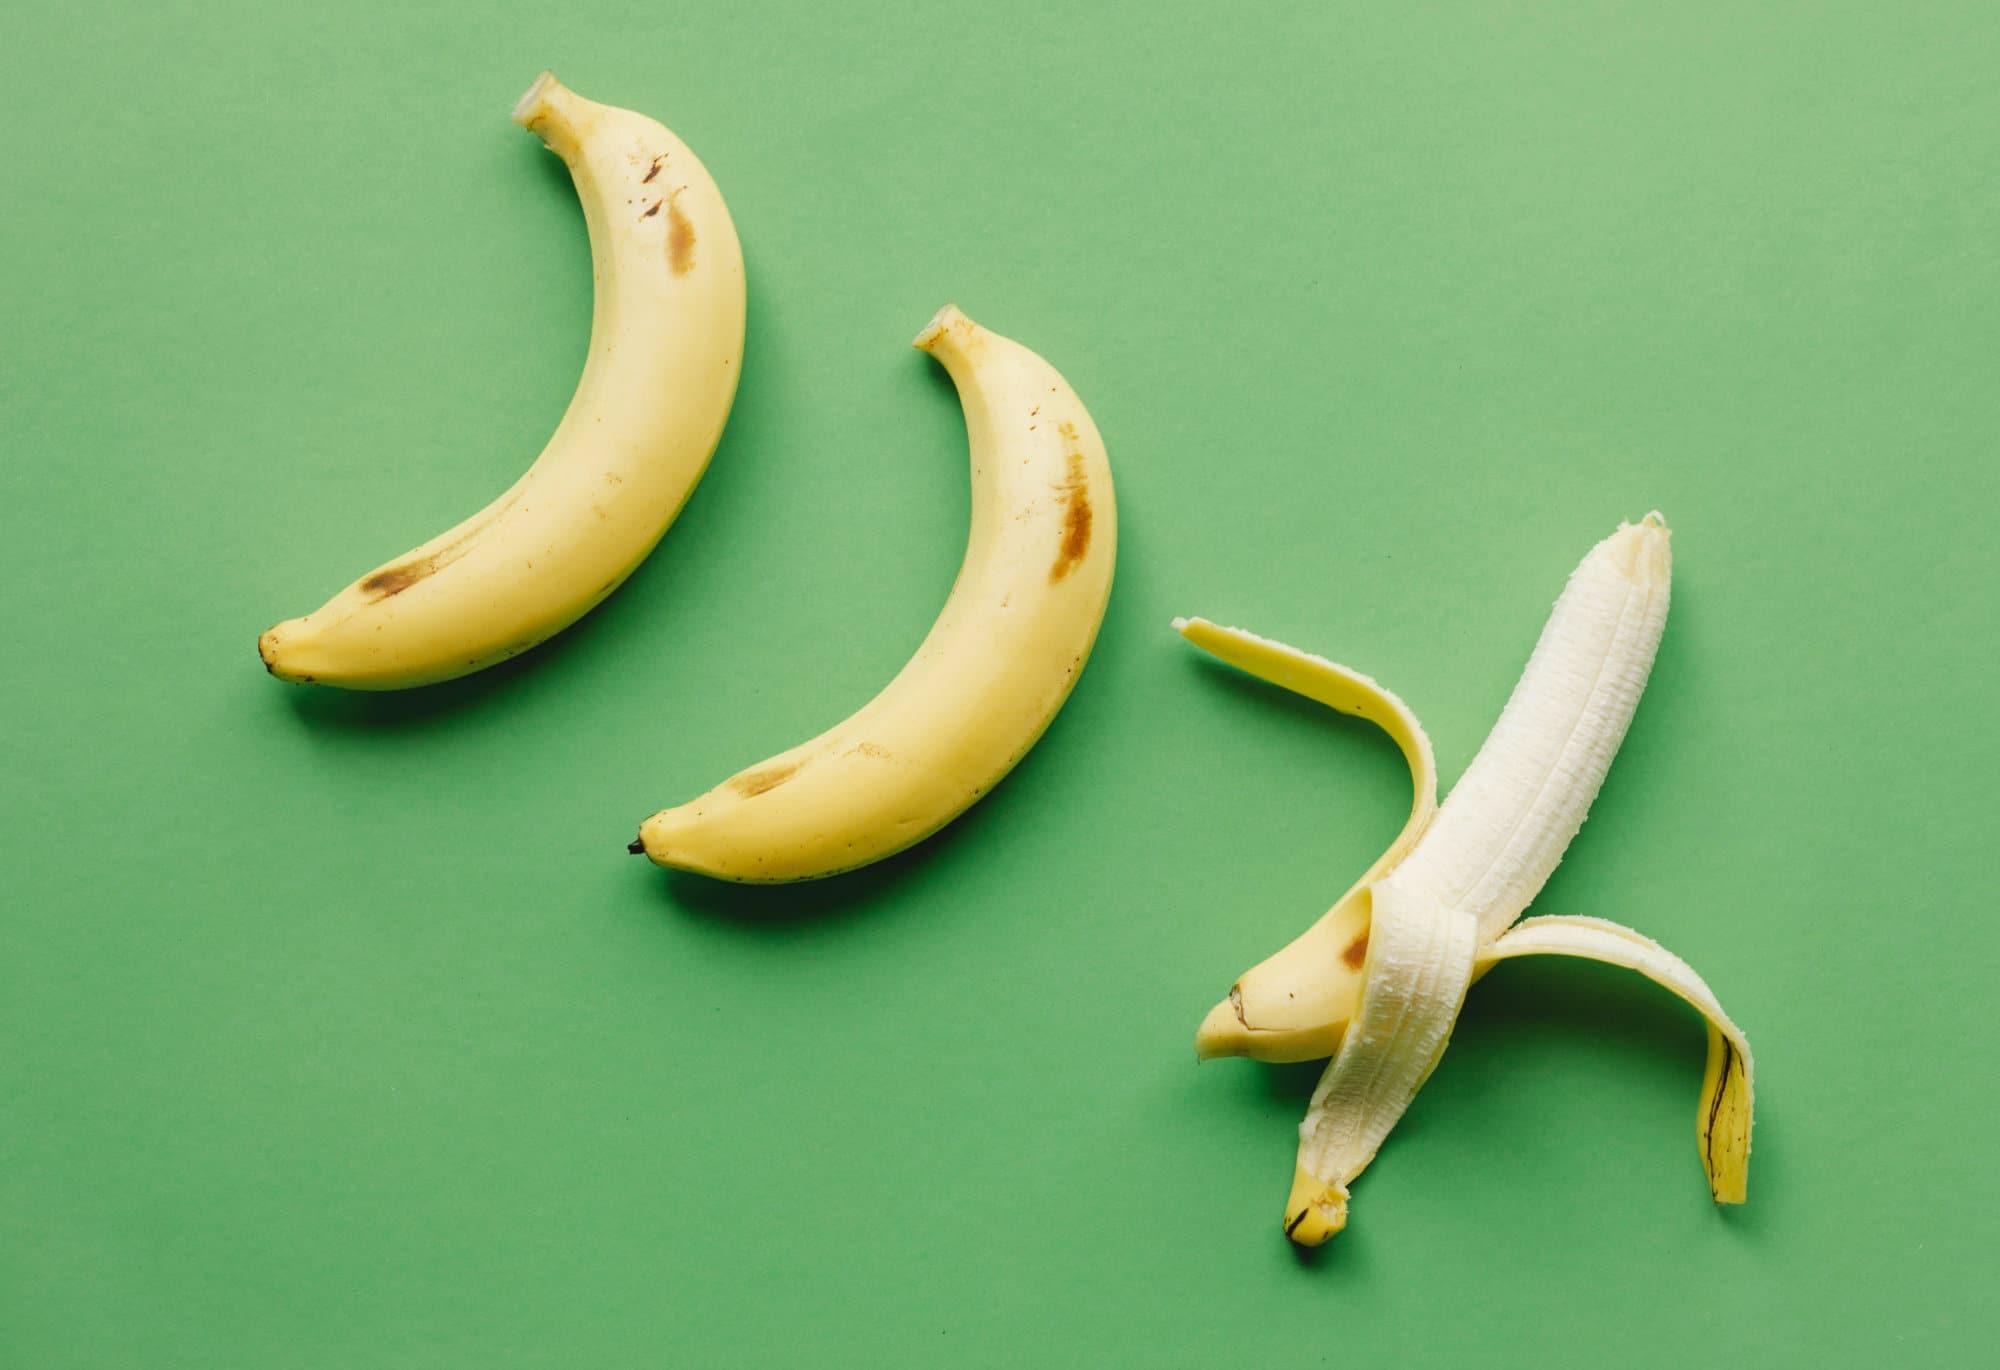 Mehrere Bananen, eine davon geschält